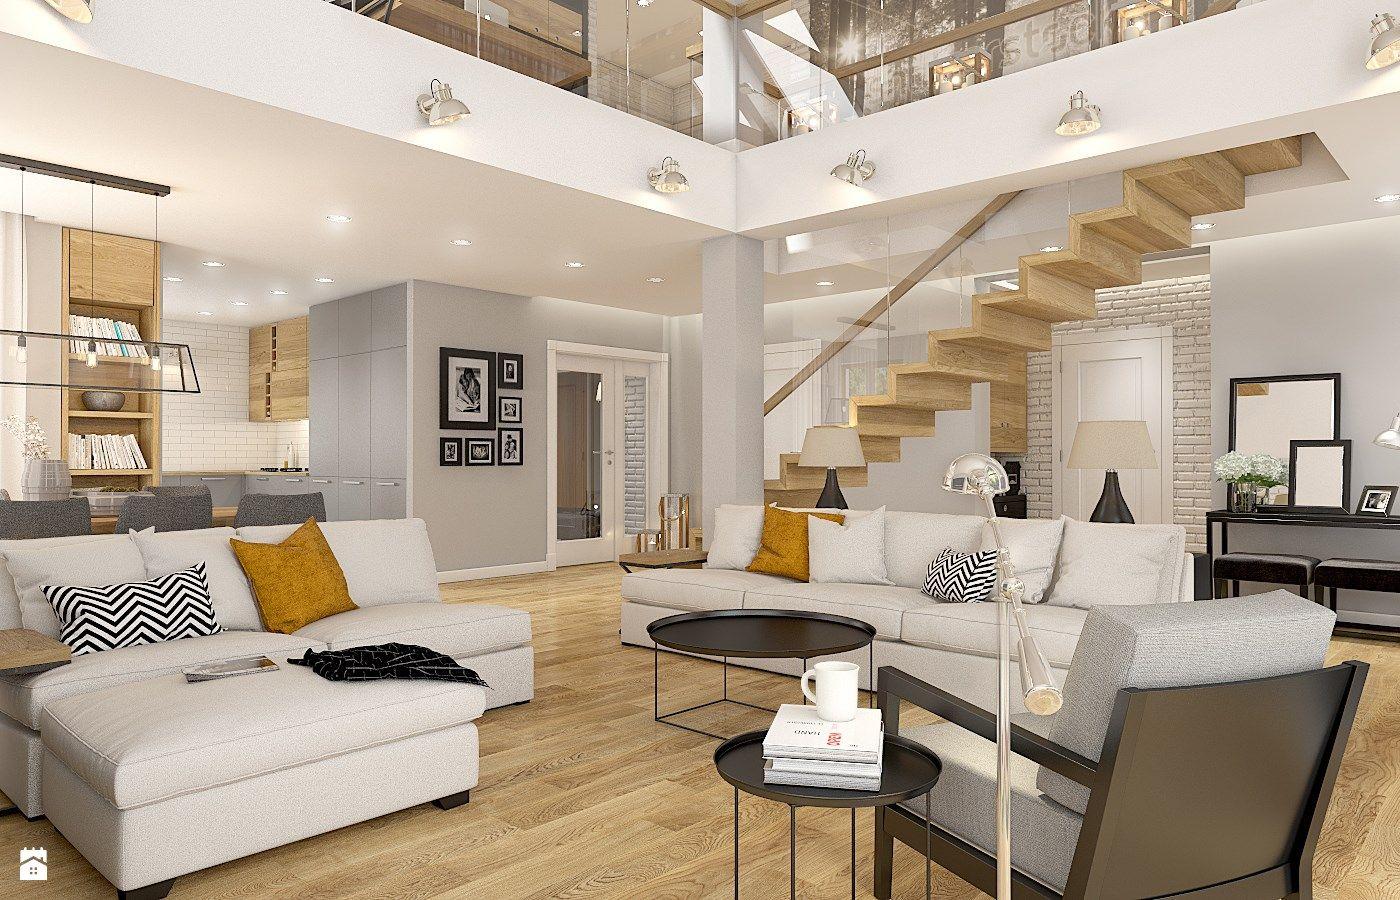 Dom w Milanwku  zdjcie od WERDHOME  Salon  Styl